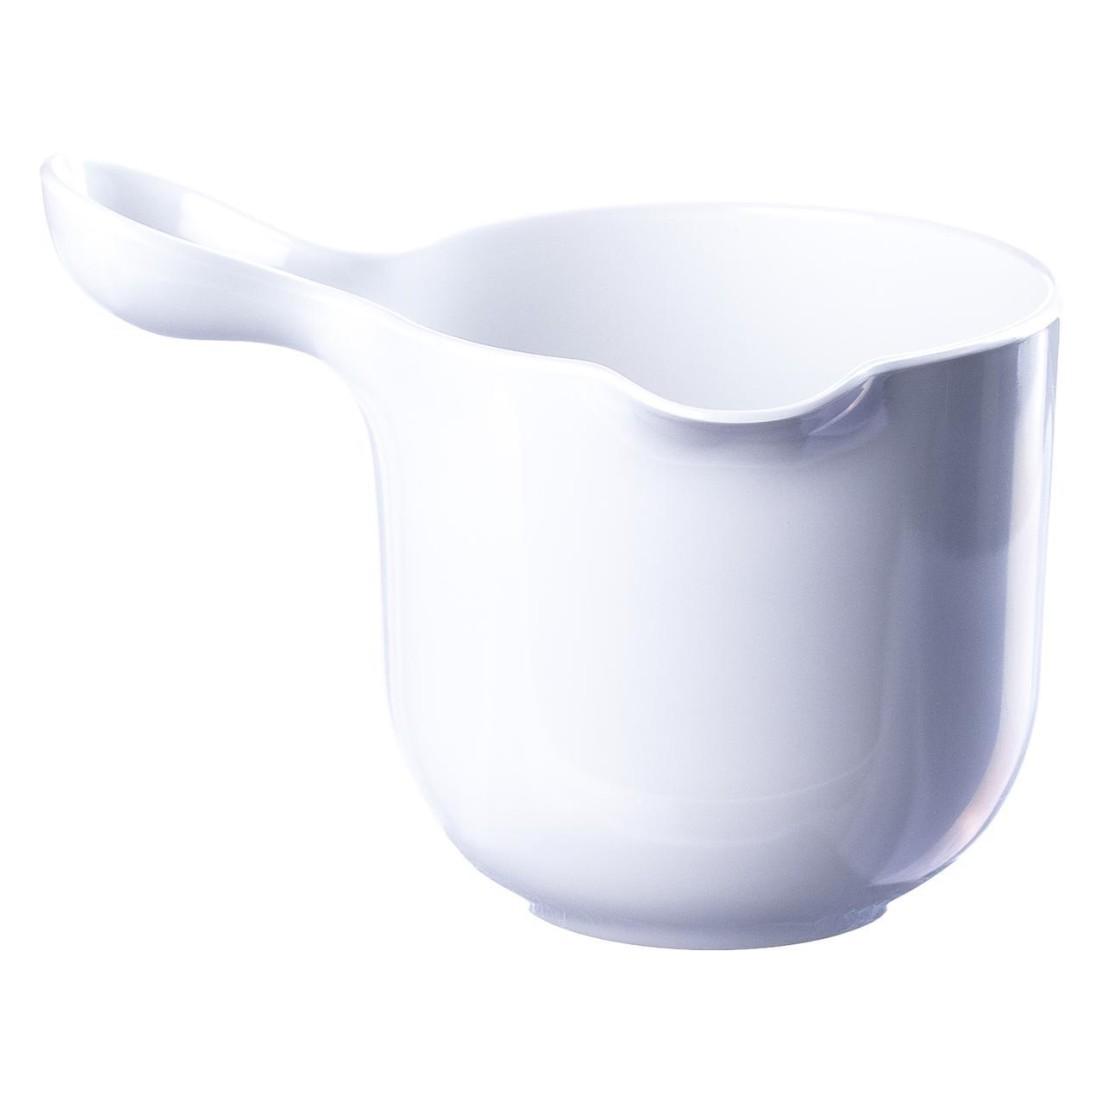 Saucenschüssel Mia – Melamin – Weiß – 17 x 23 x 16 cm, Ole Jensen günstig